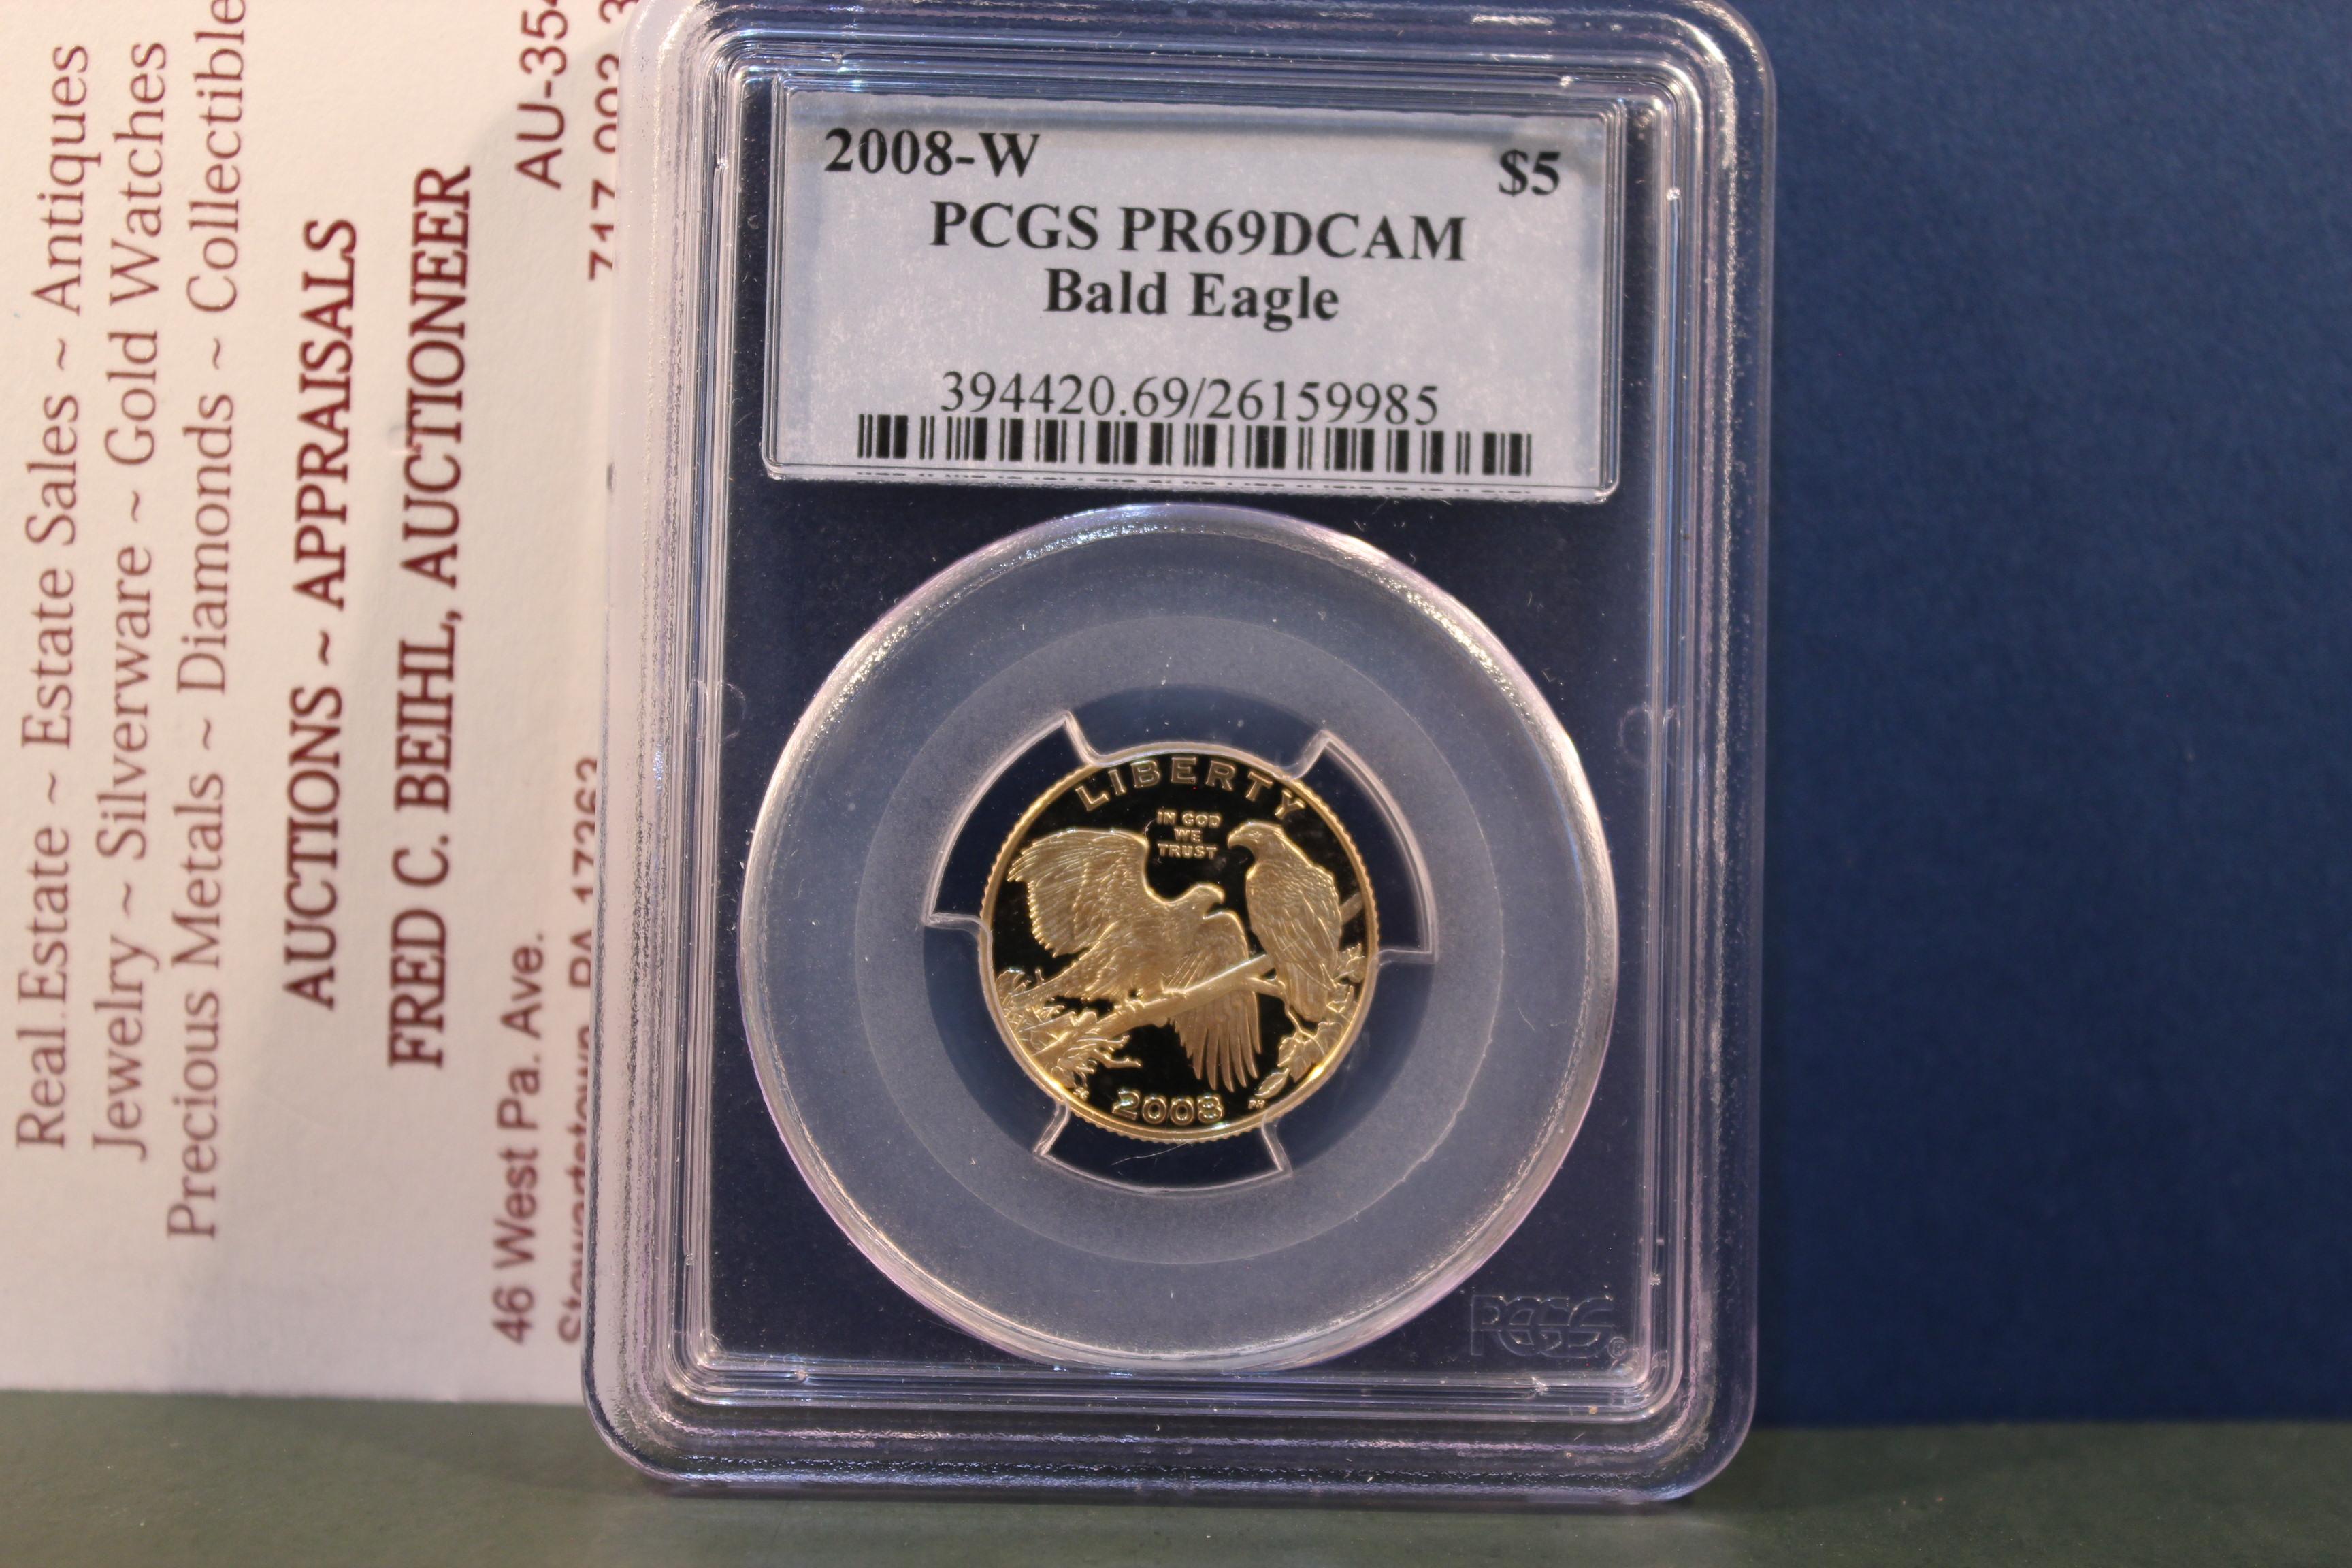 2008-W Bald Eagle $5 Gold